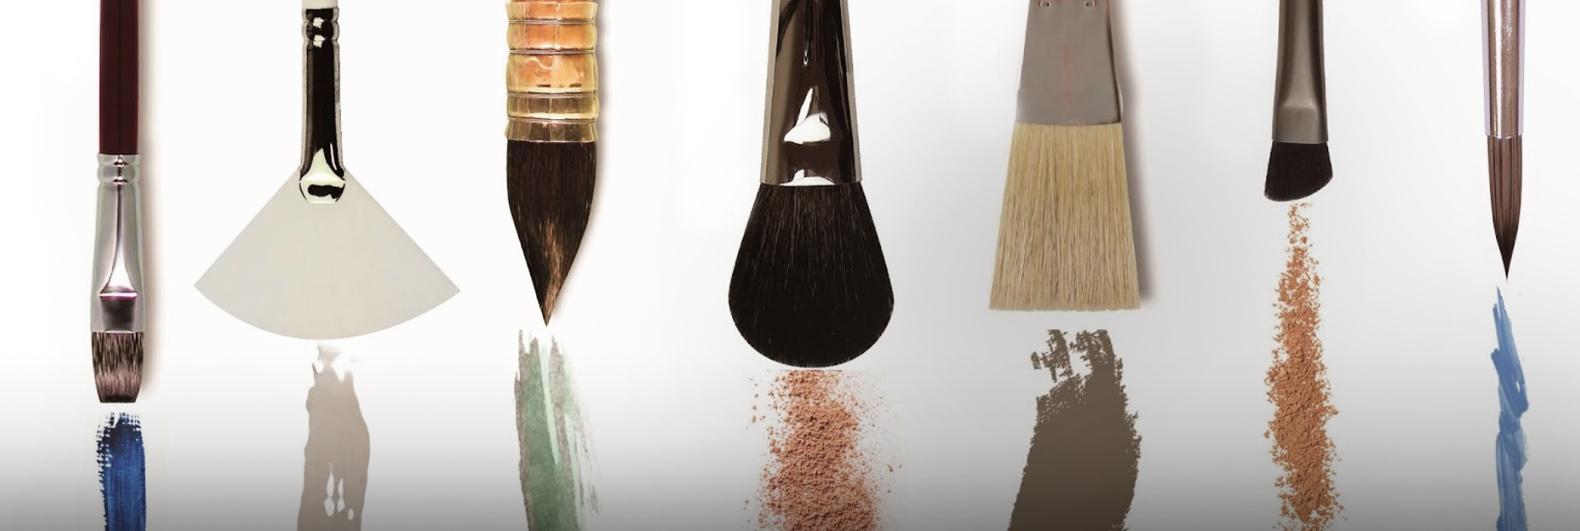 Clepsydre le bel objet l onard fabricant de pinceaux - Cuisine direct fabricant ...